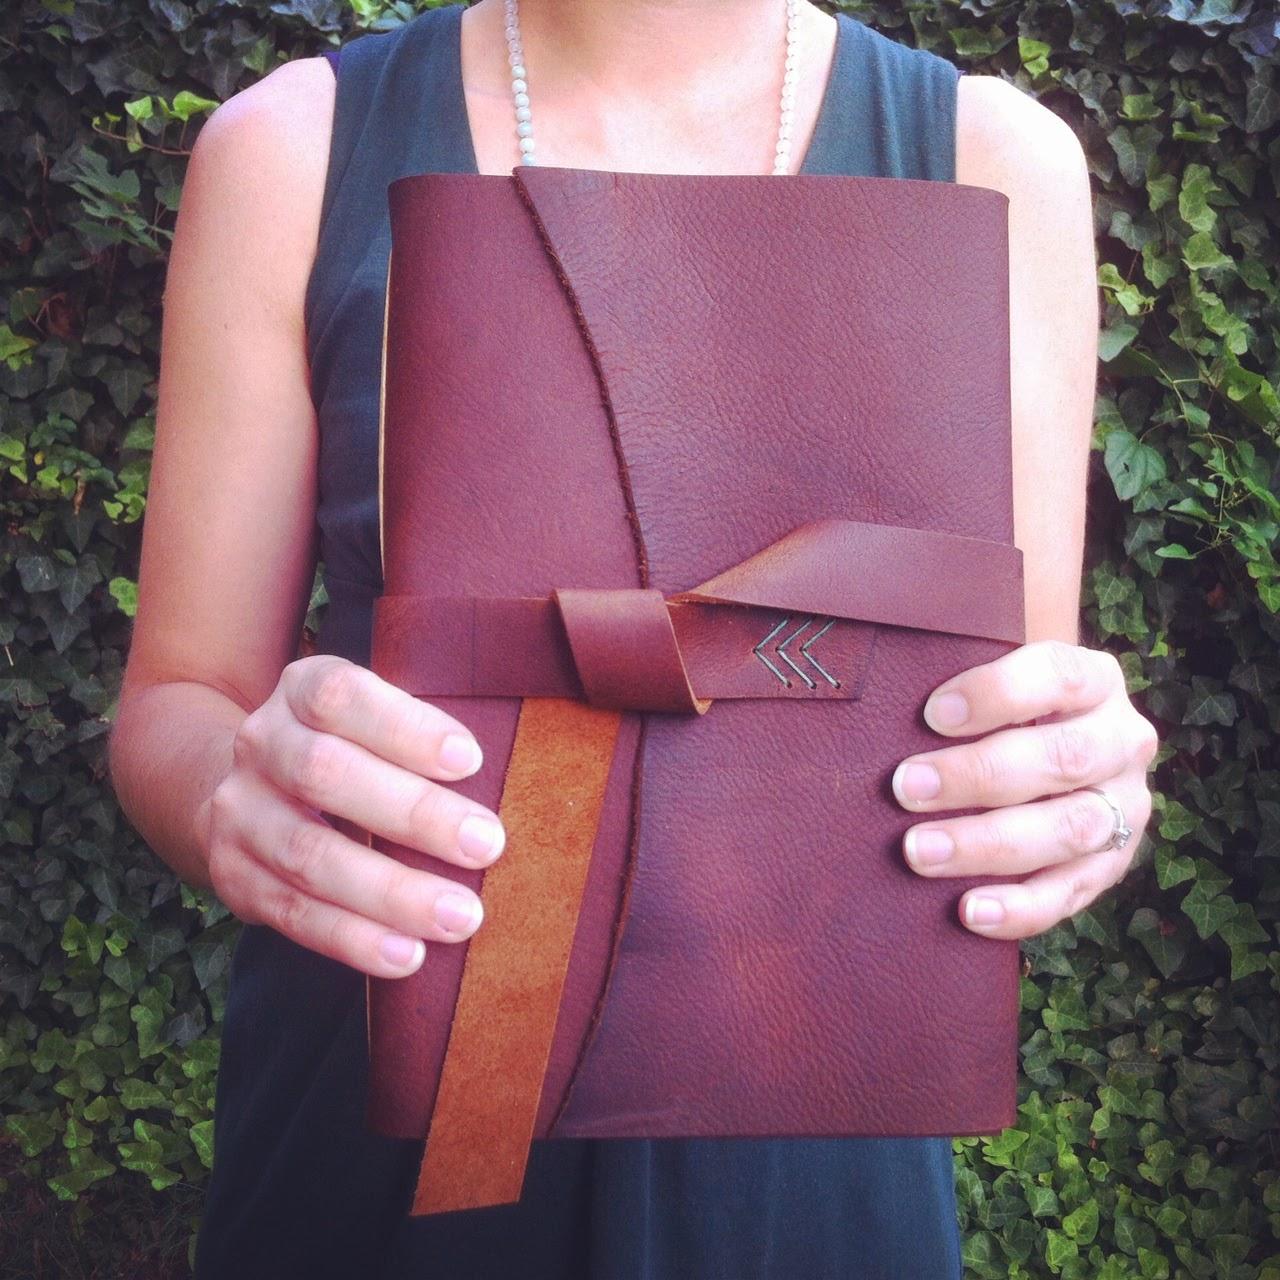 Handbound leather journal by Katie Gonzalez